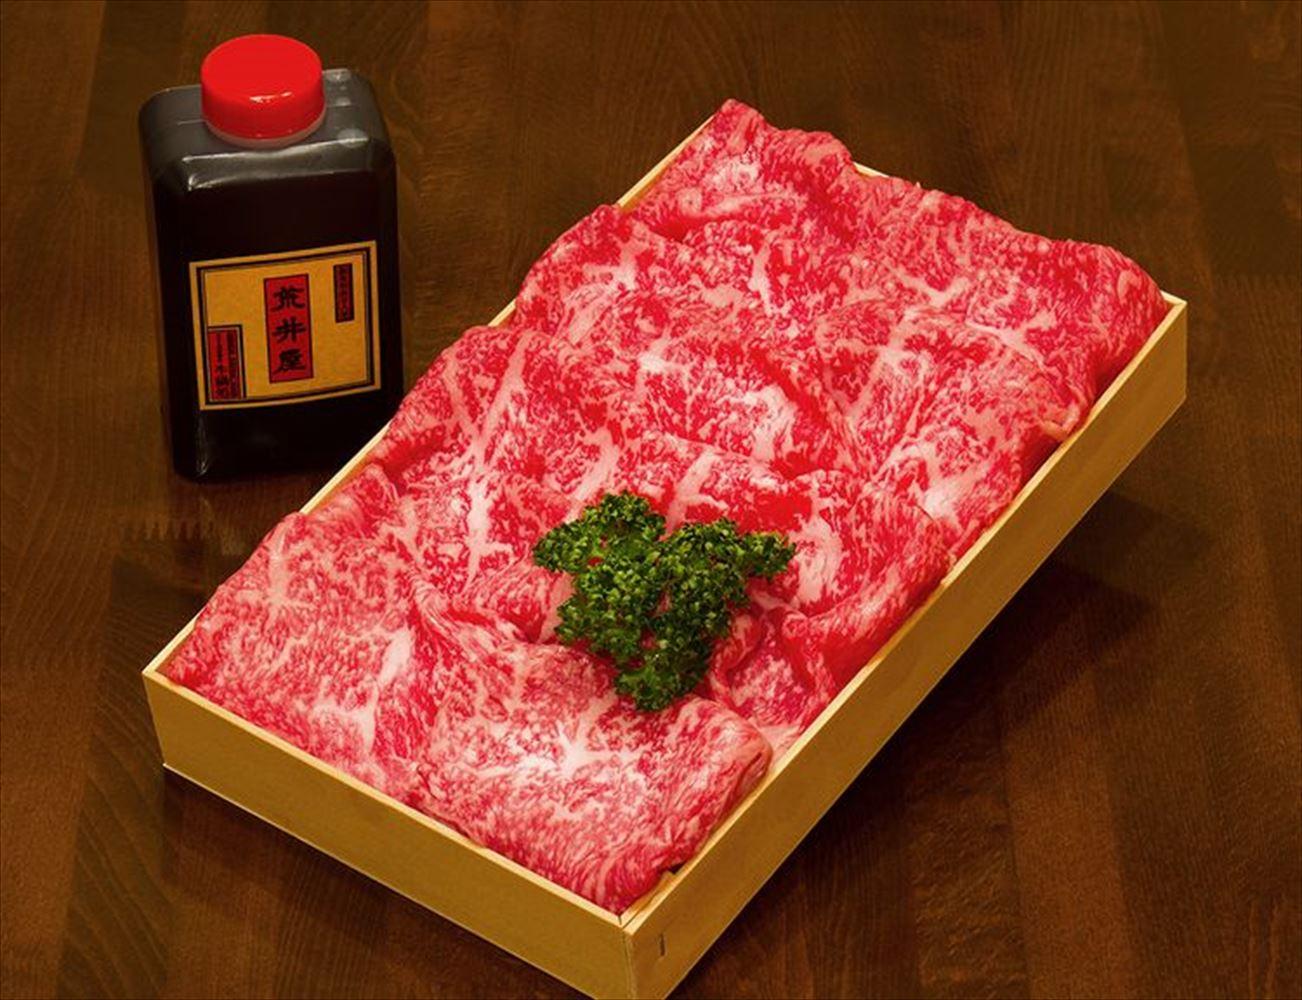 【期間限定】【送料込】国産黒毛和牛すきやき用肉 500g《割下付》